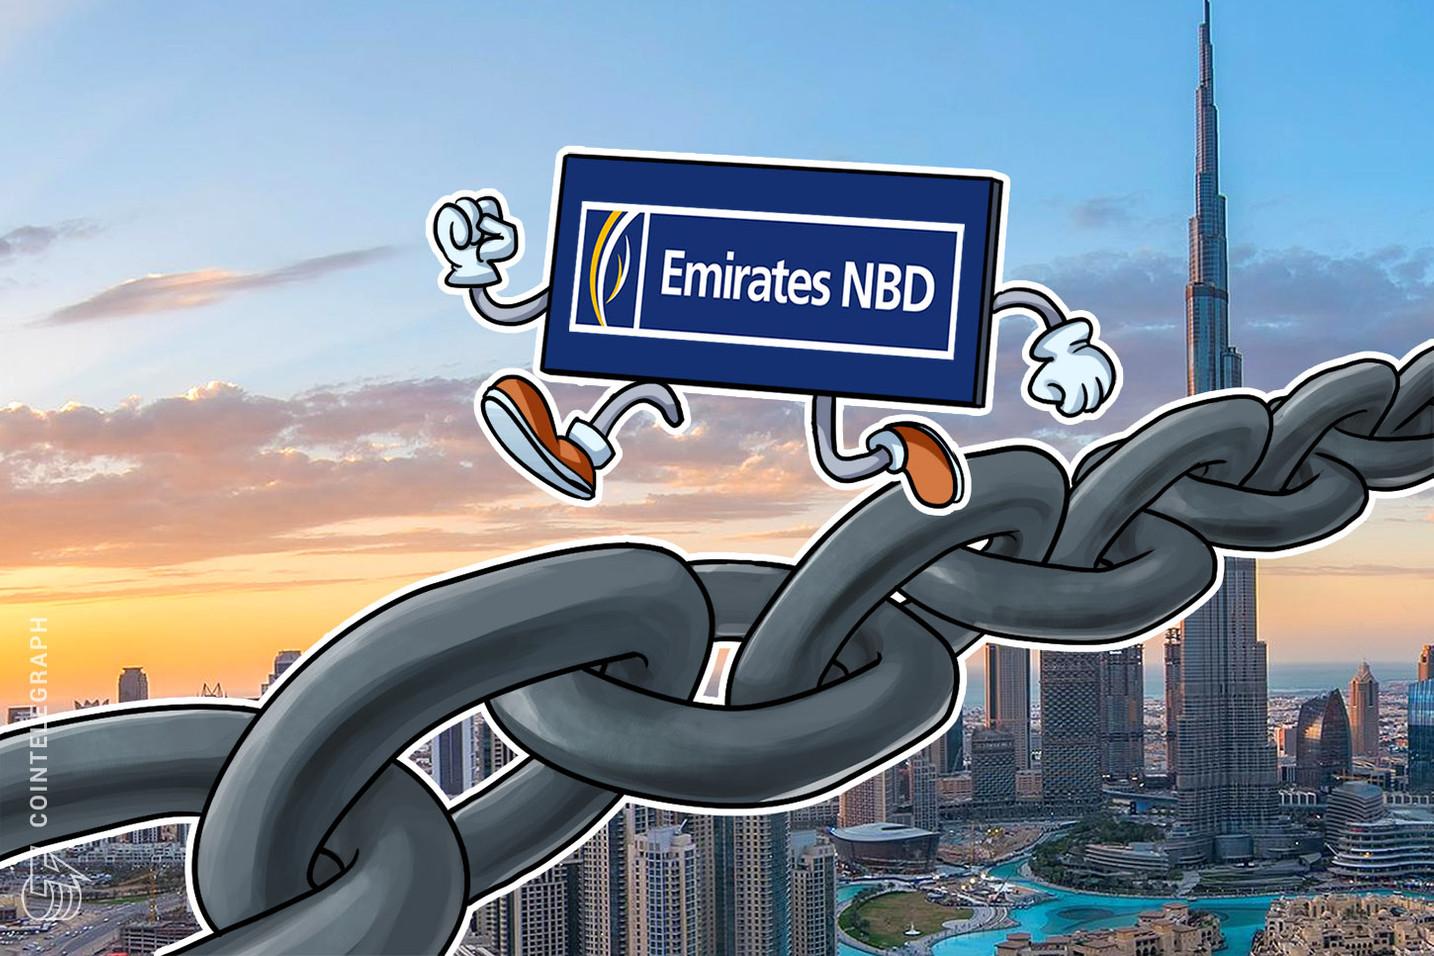 Große arabische Bank bekämpft Scheck-Betrug mit Blockchain-Tech